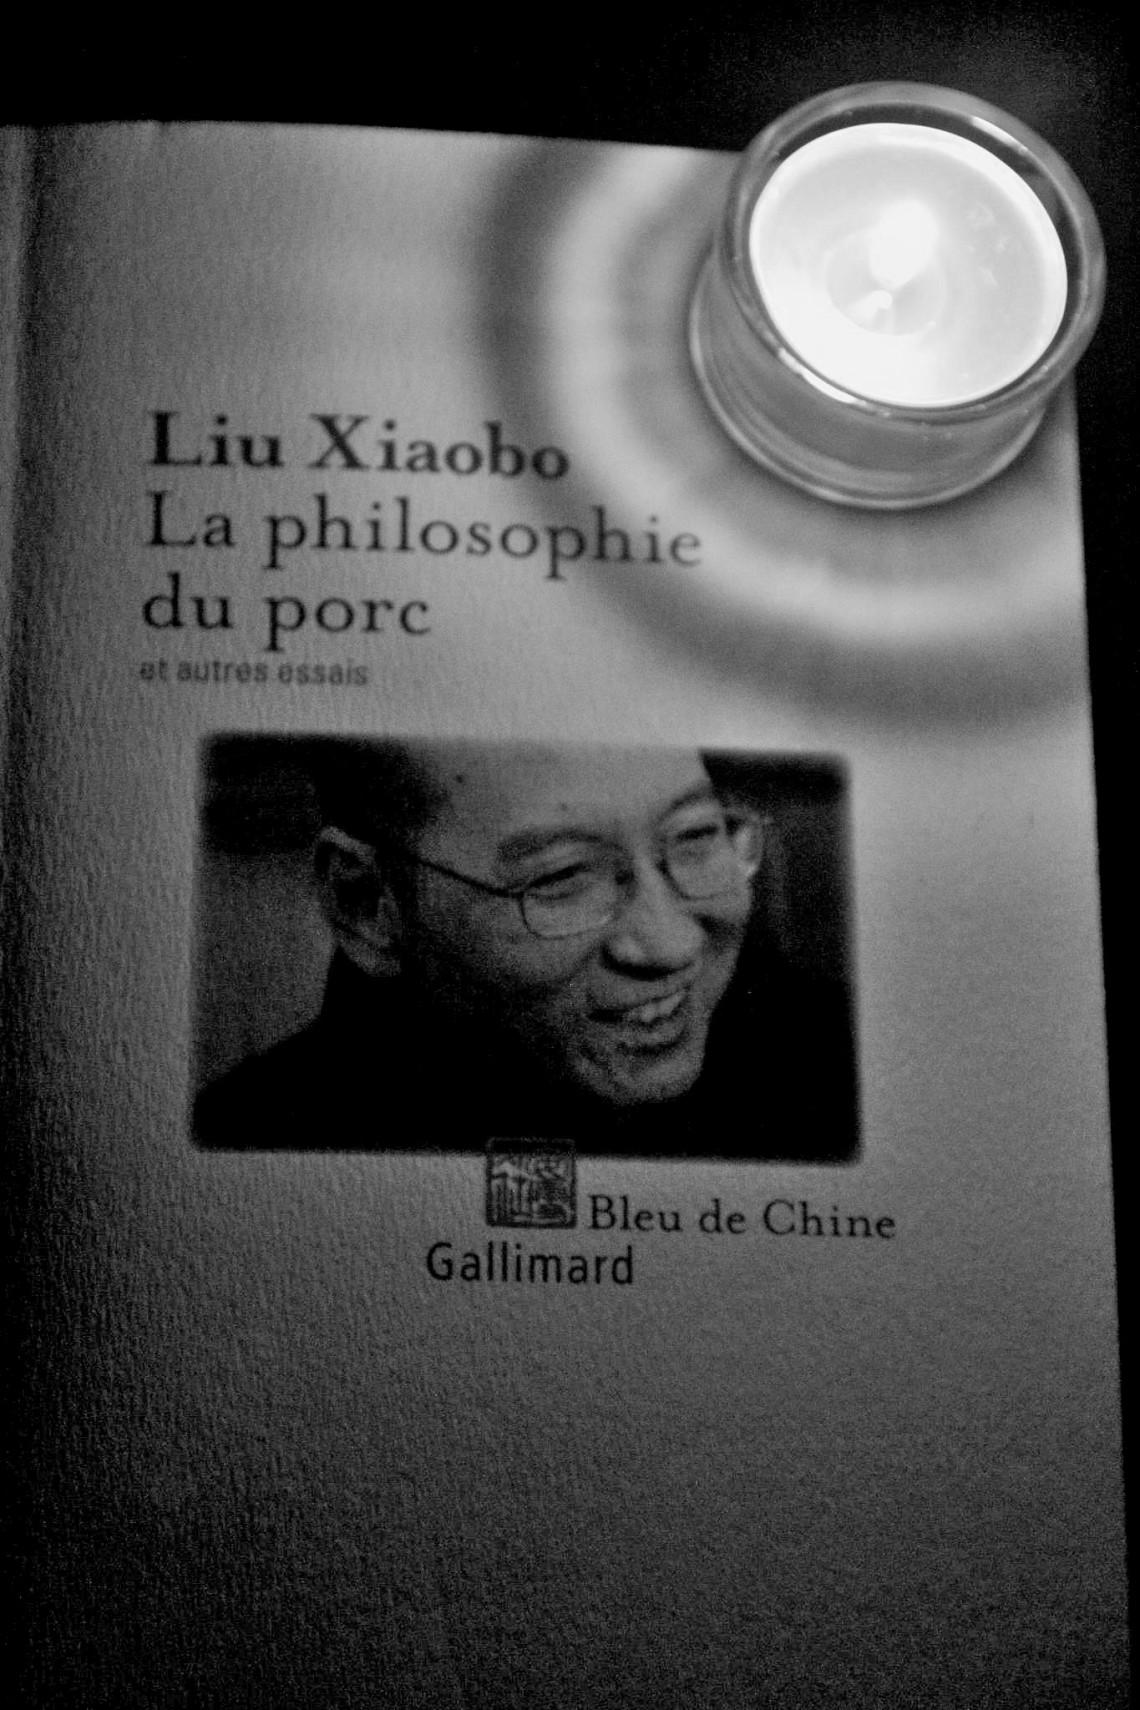 Une pensée pour Liu Xiabo (Photo : ANdré Lange-Médart)